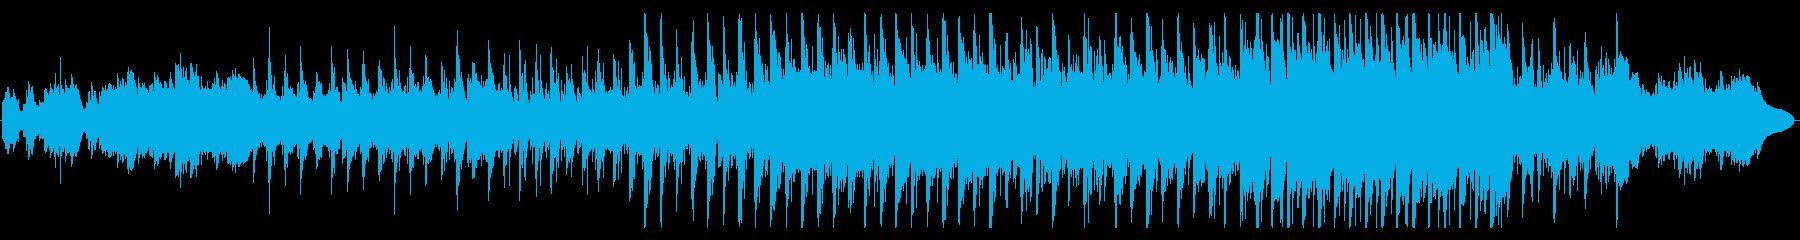 可愛らしい・オモチャ箱・ワルツの再生済みの波形